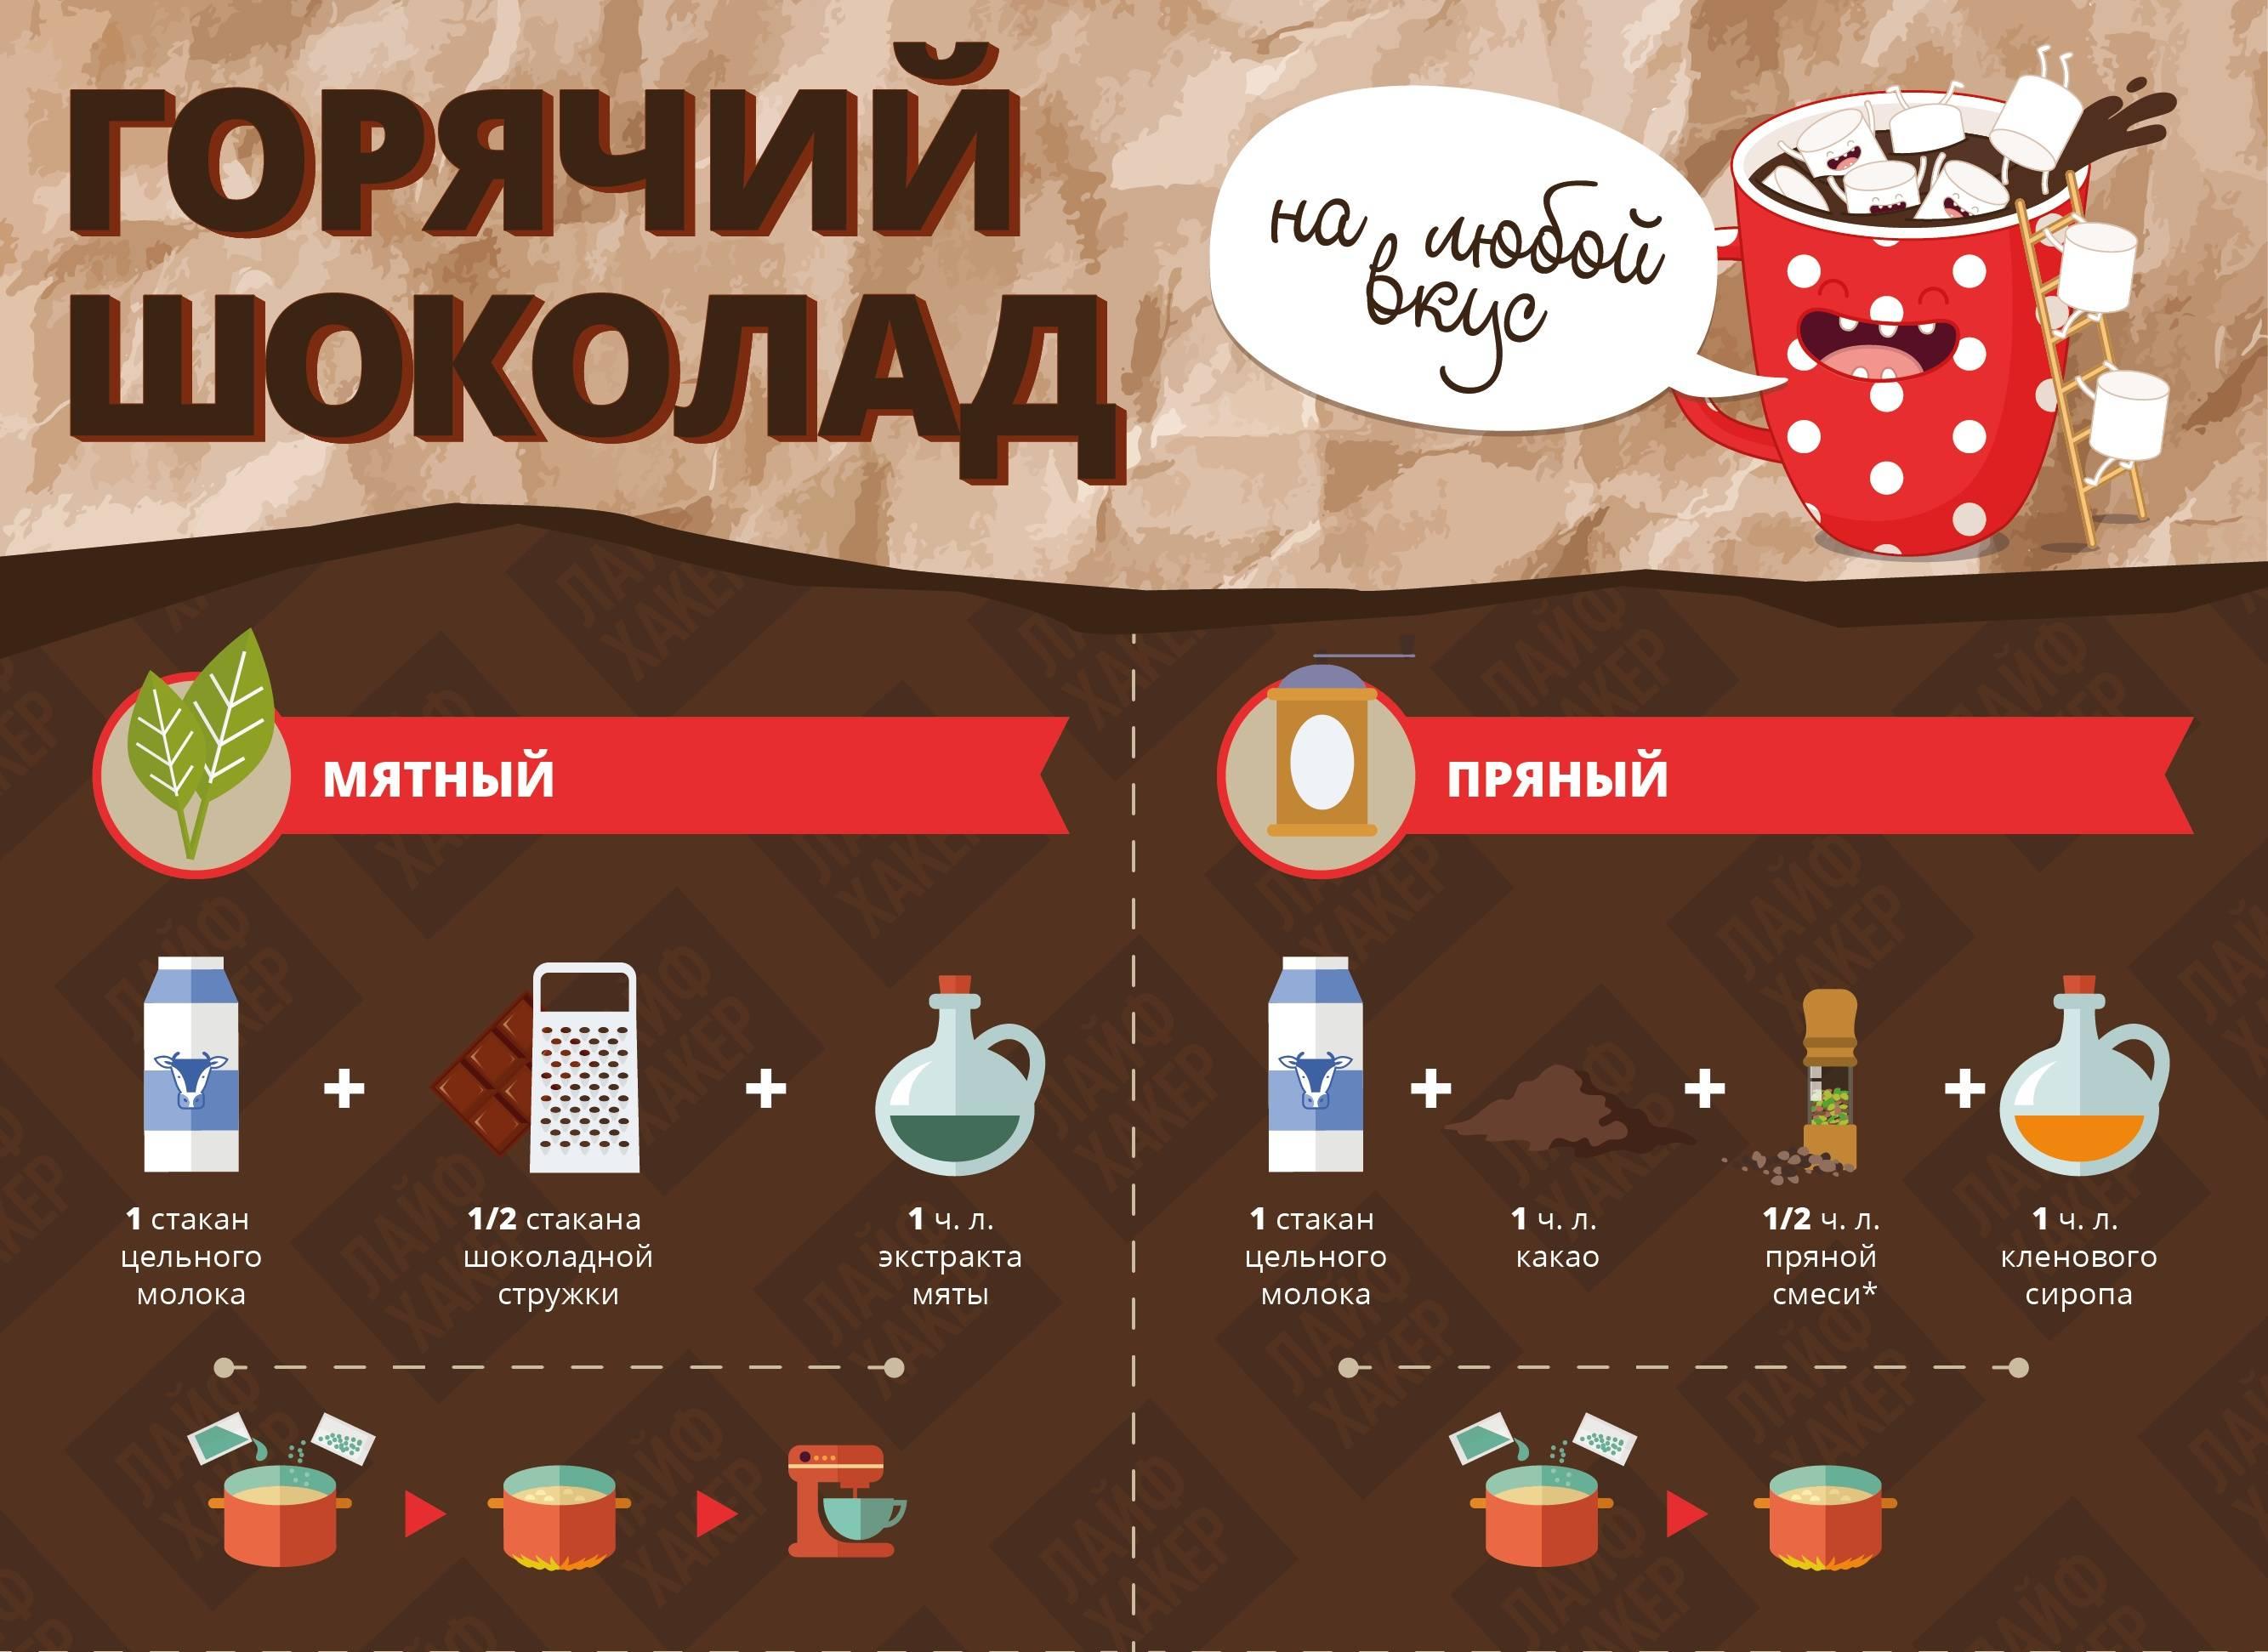 Горячий шоколад: рецепт приготовления в домашних условиях – как сварить густой?